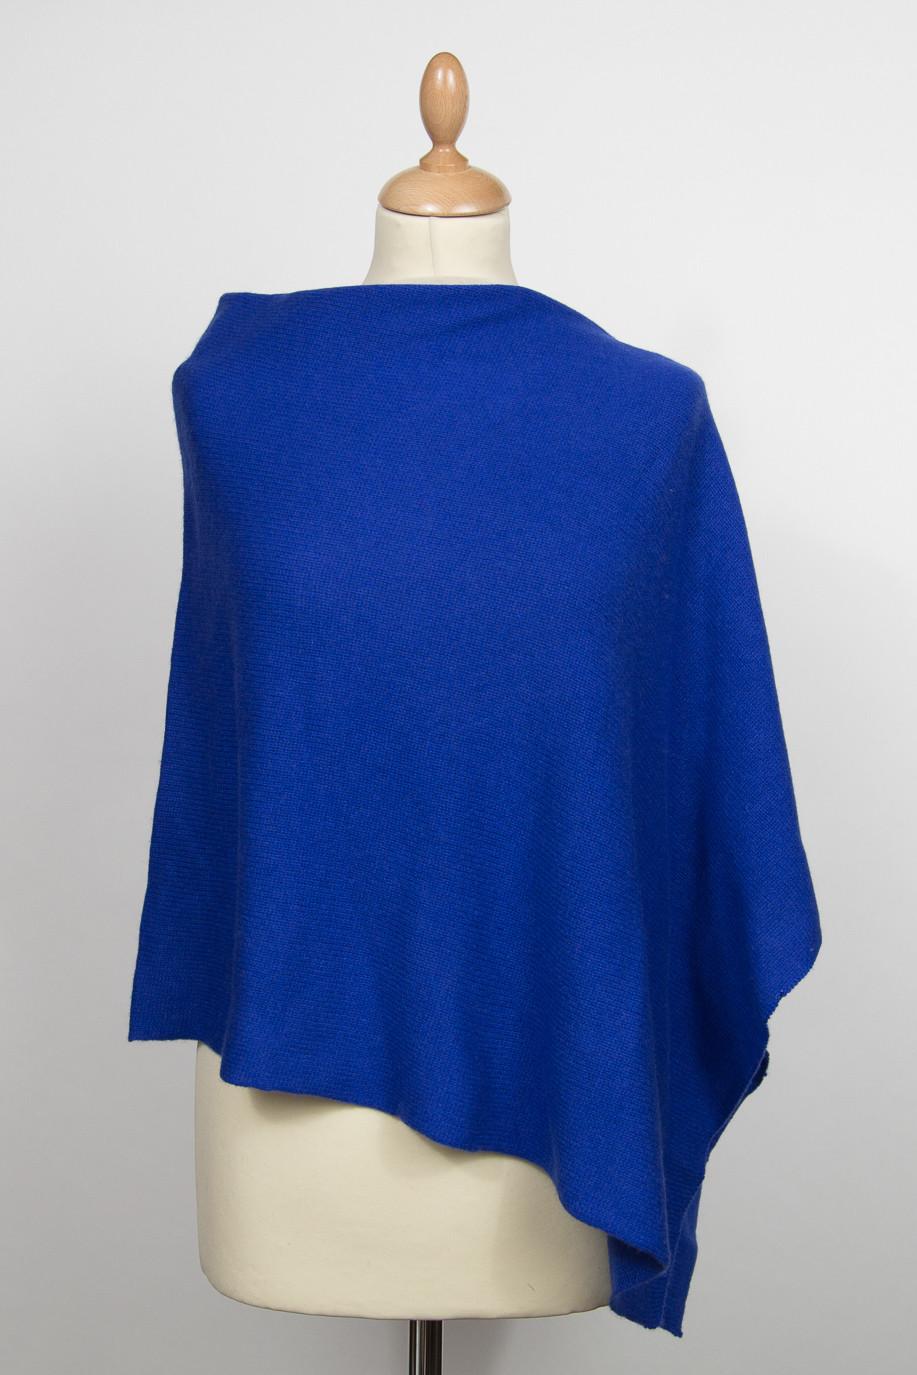 Poncho 4 fils pur cachemire bleu vif ELECTRA